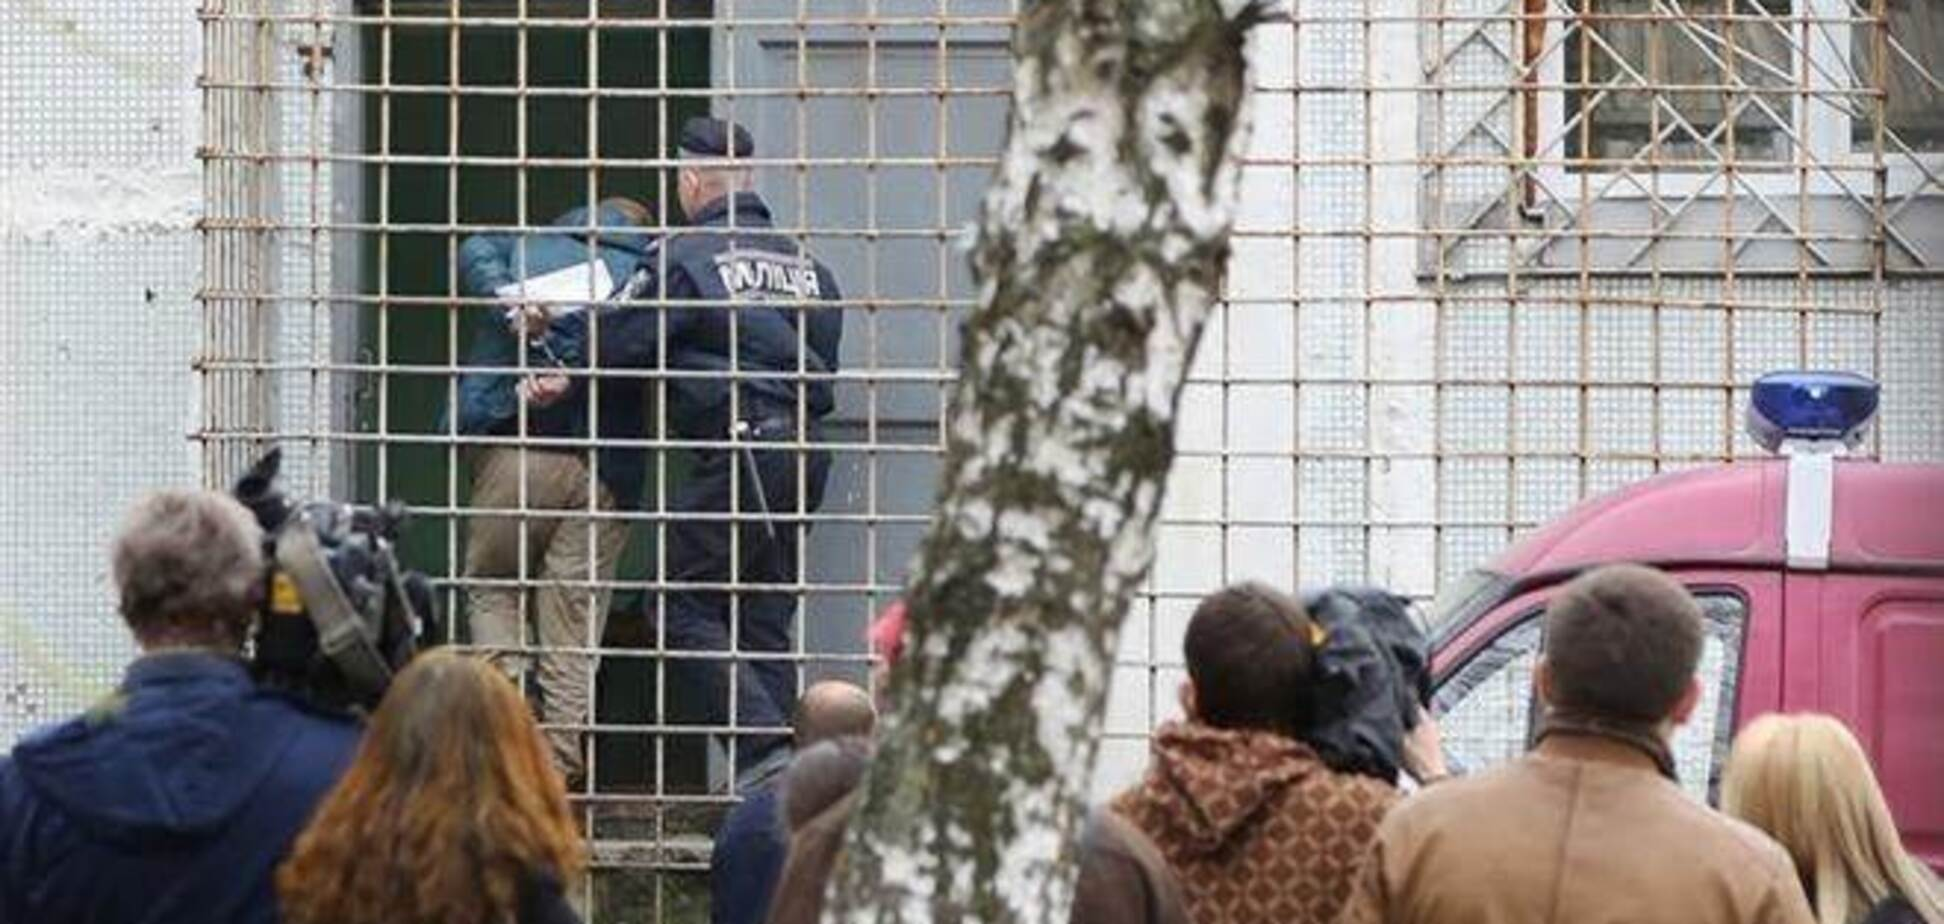 Среди захватчиков Харьковской ОГА – 14 ранее судимых за разбой и грабежи